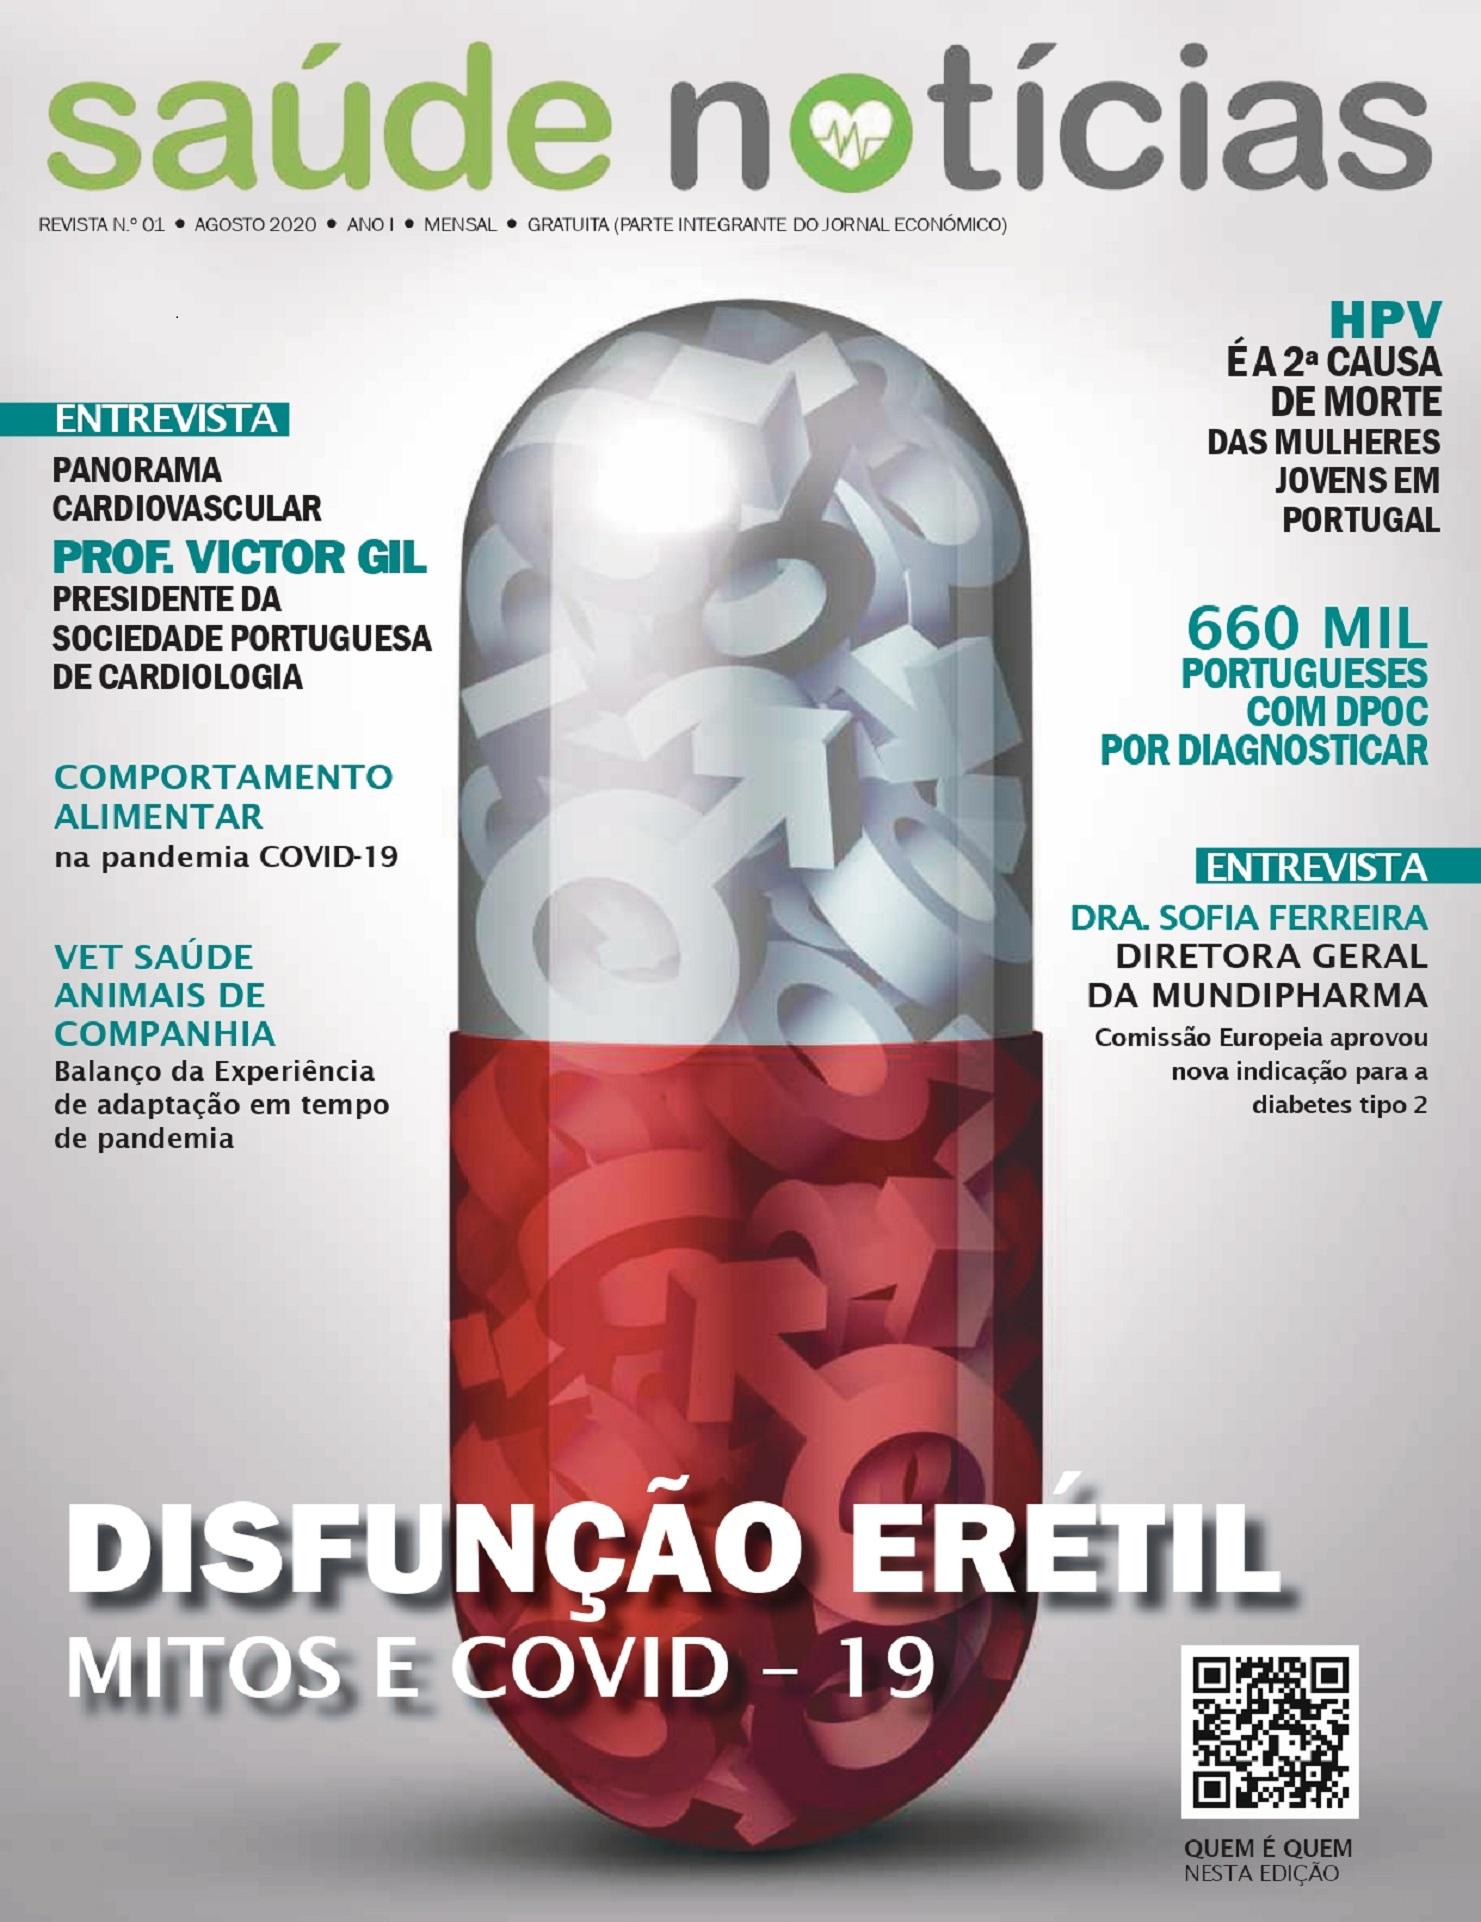 Revista SaúdeNoticias nº. 1